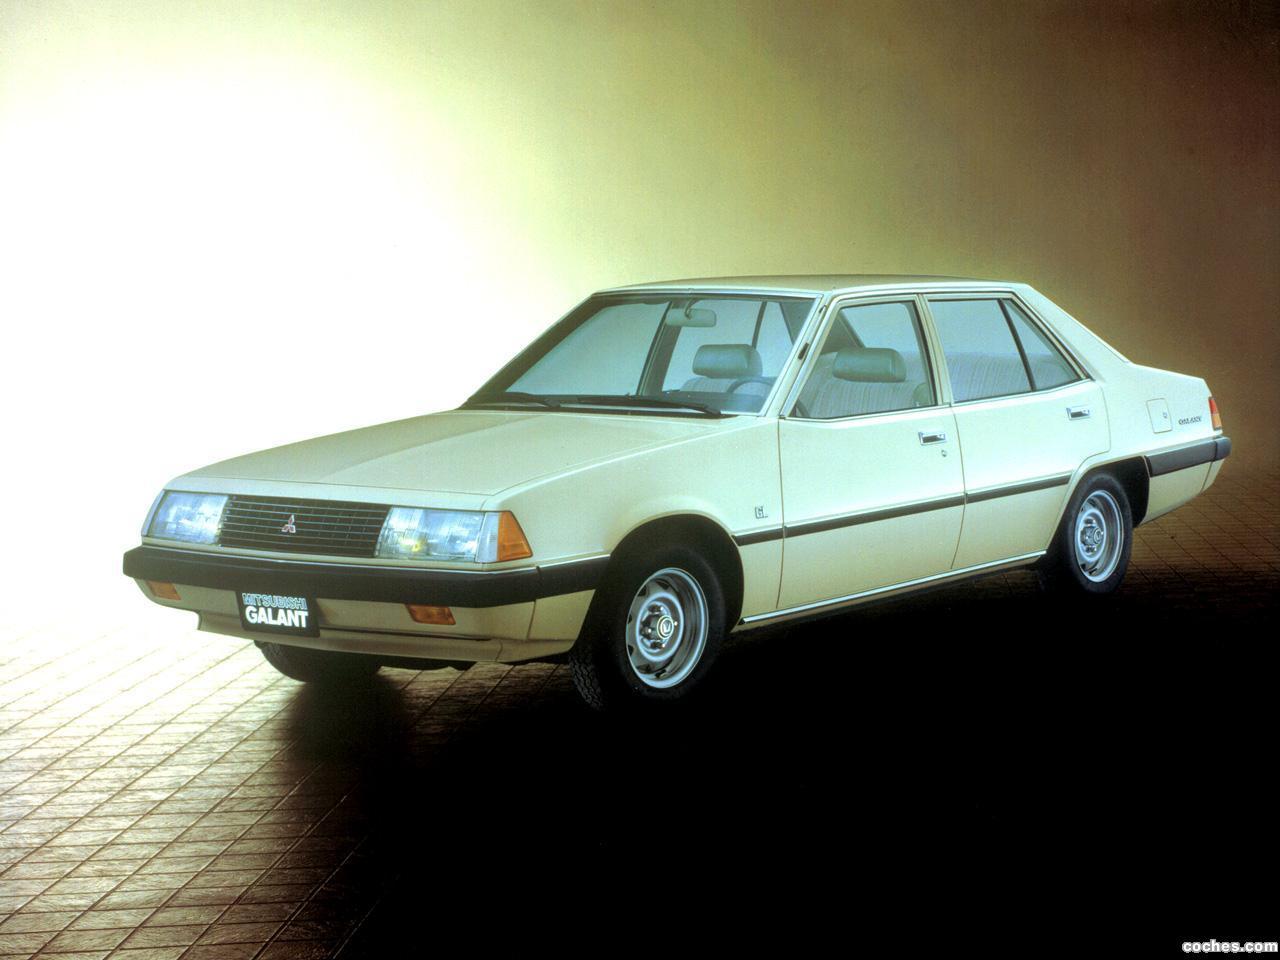 Foto 2 de Mitsubishi Galant 1980